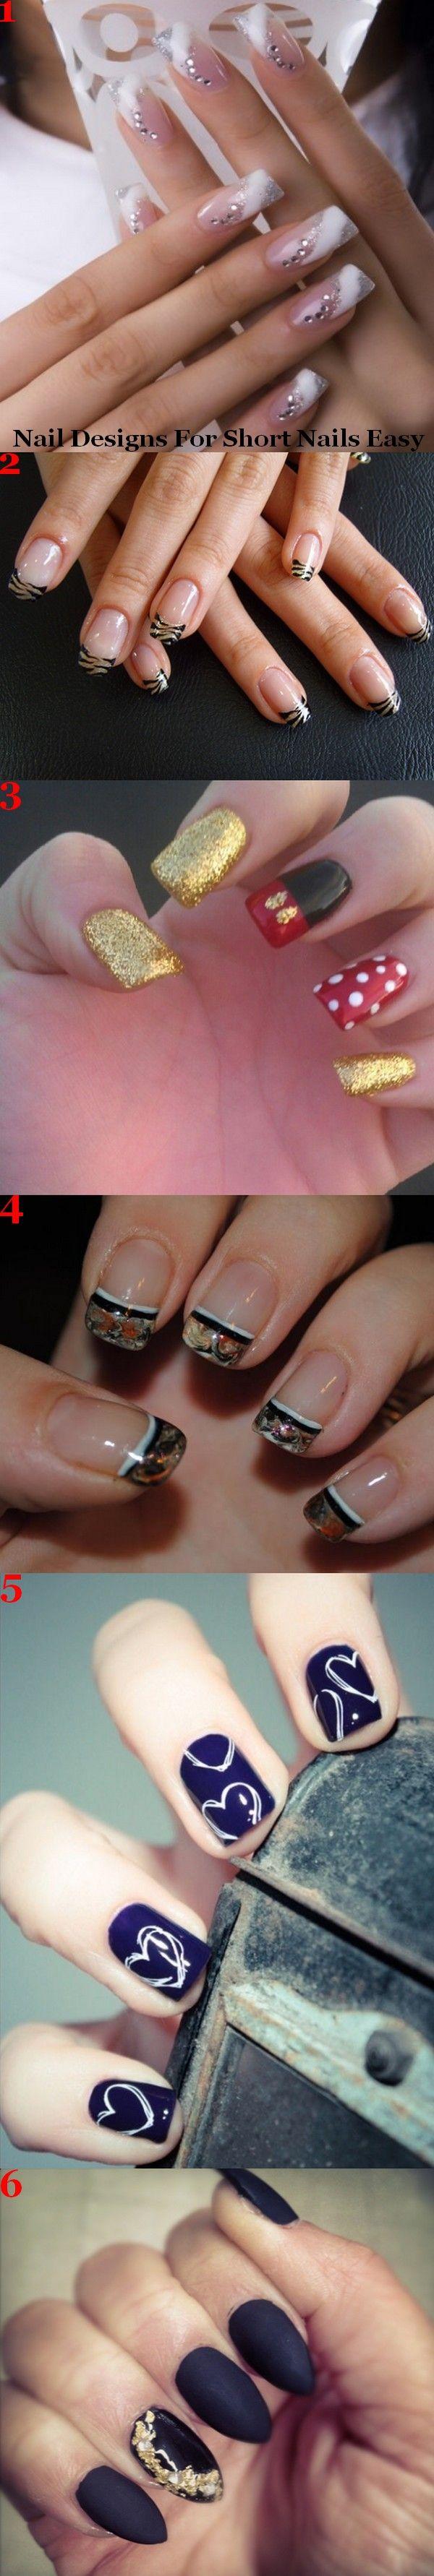 71 besten nails Bilder auf Pinterest | Nails, Acryl nails und 25 ...